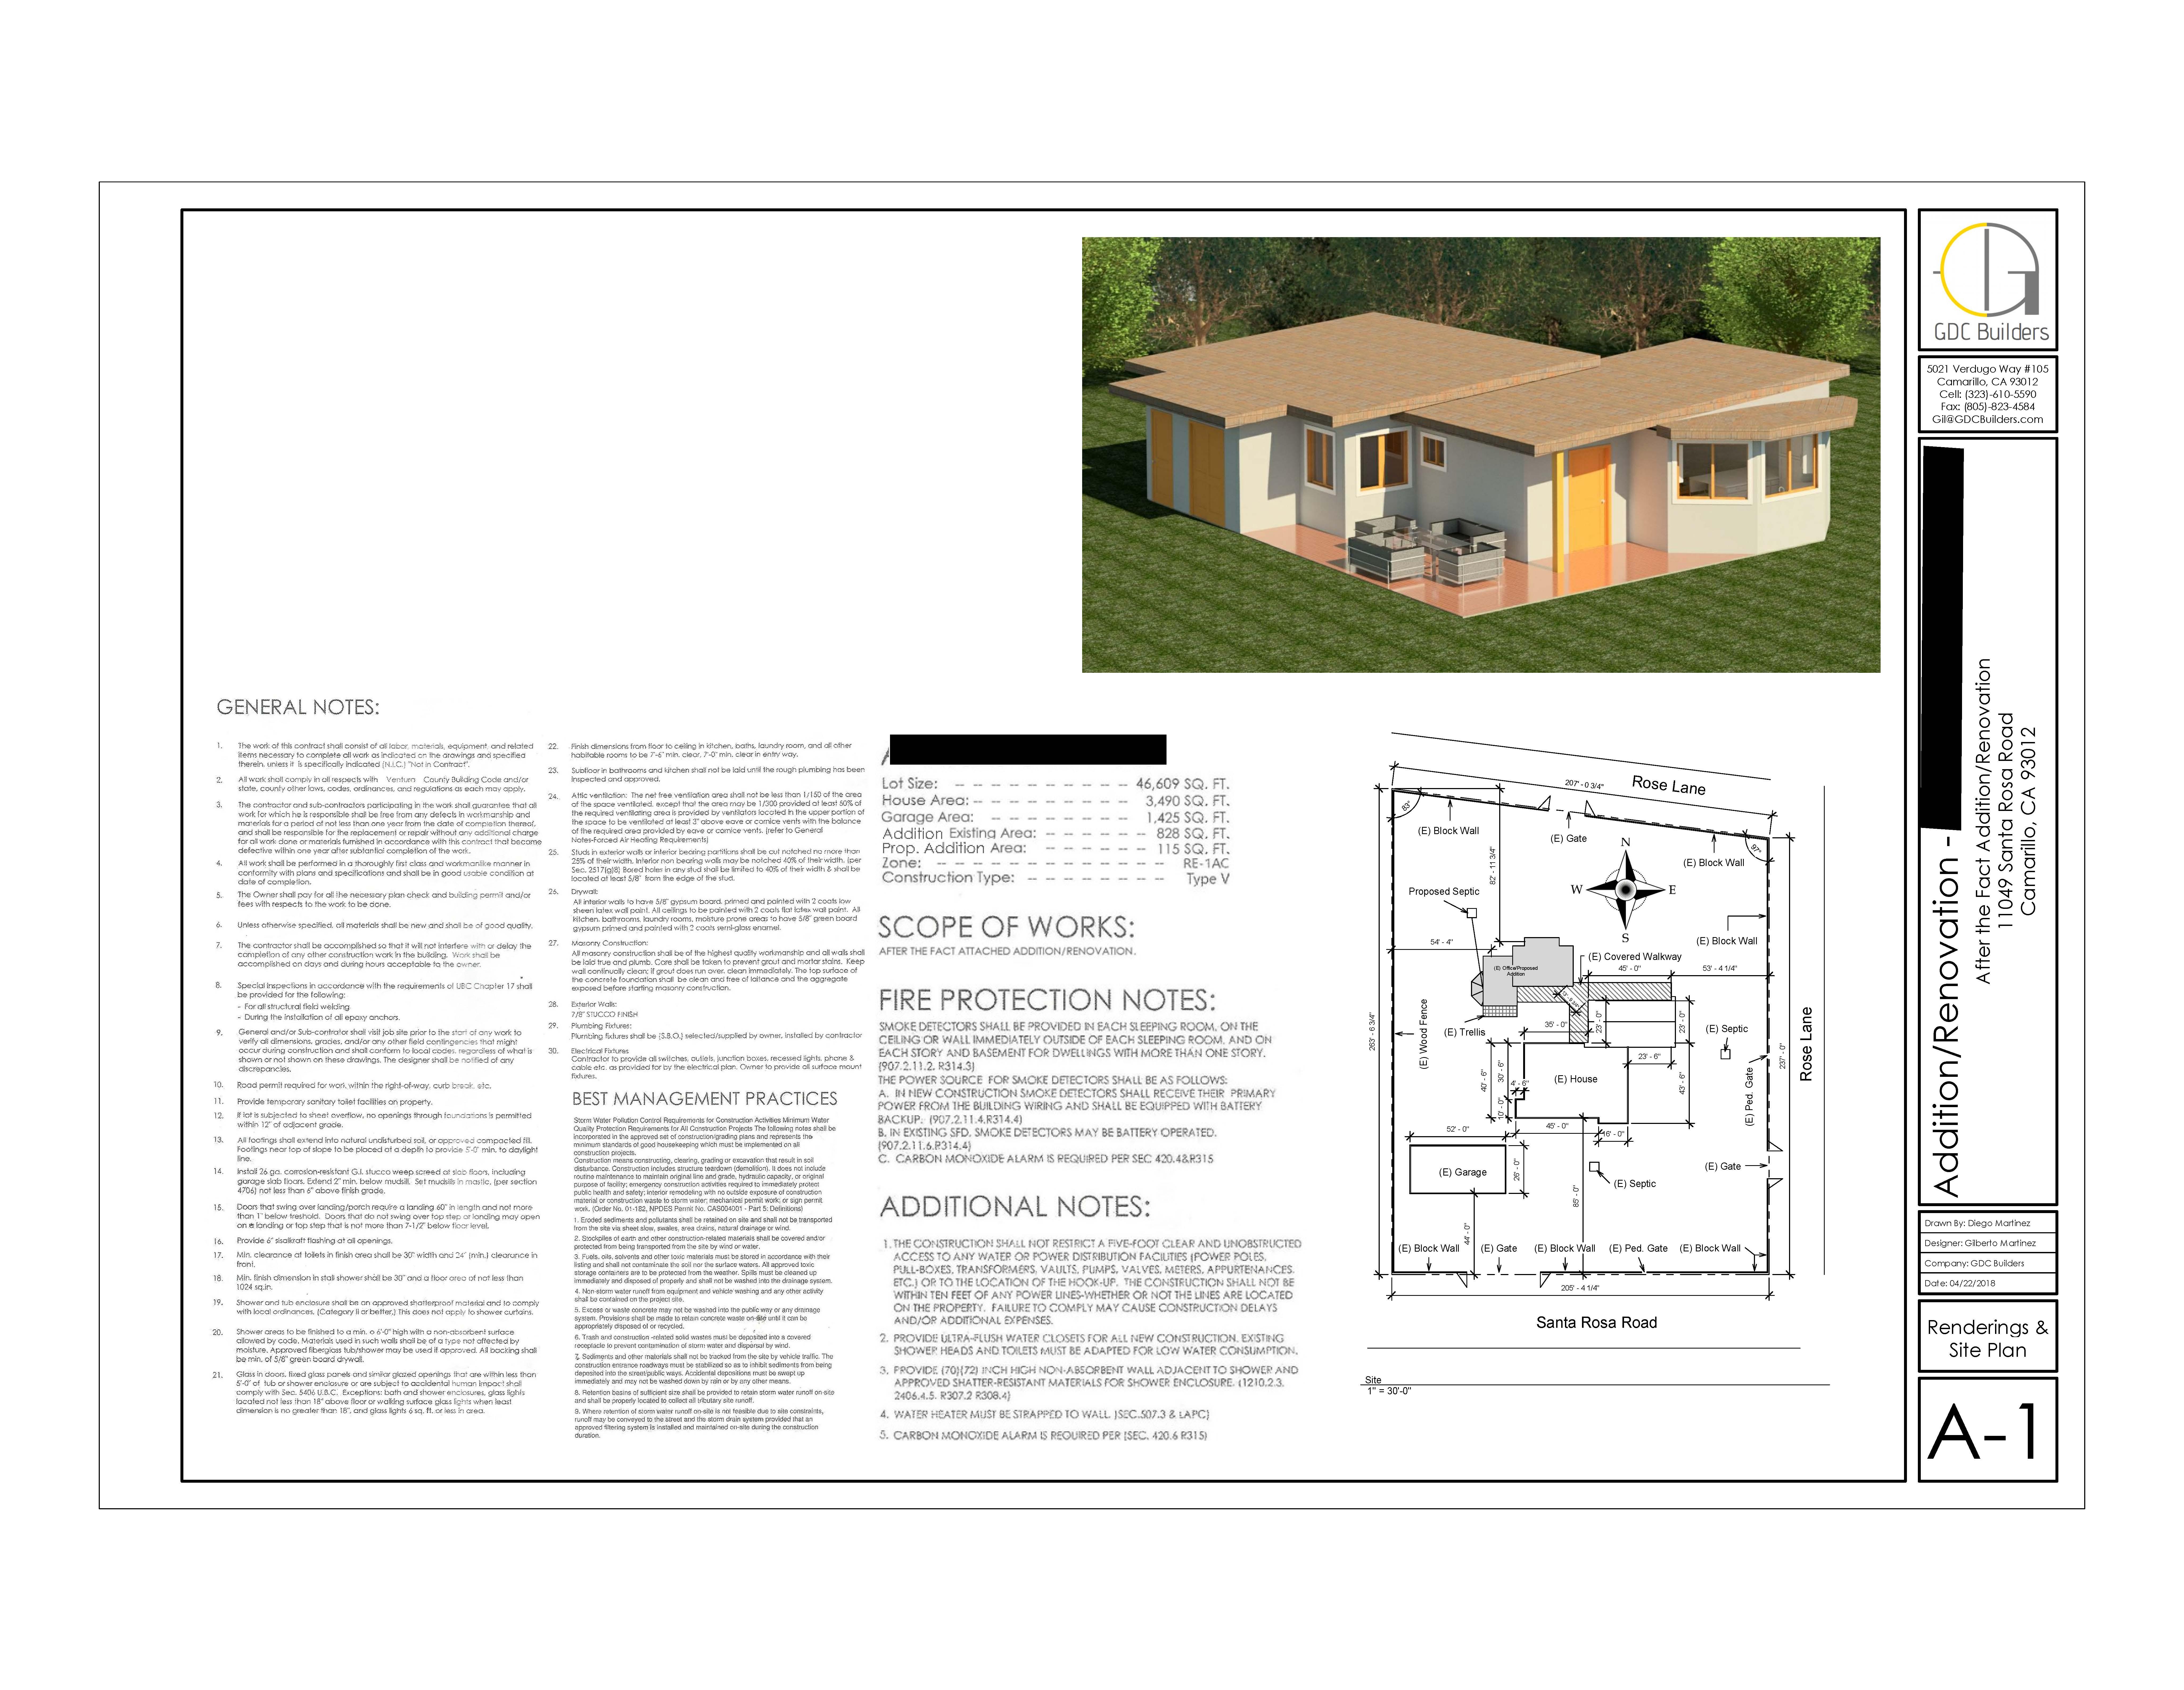 Rose 2361 (site plan)